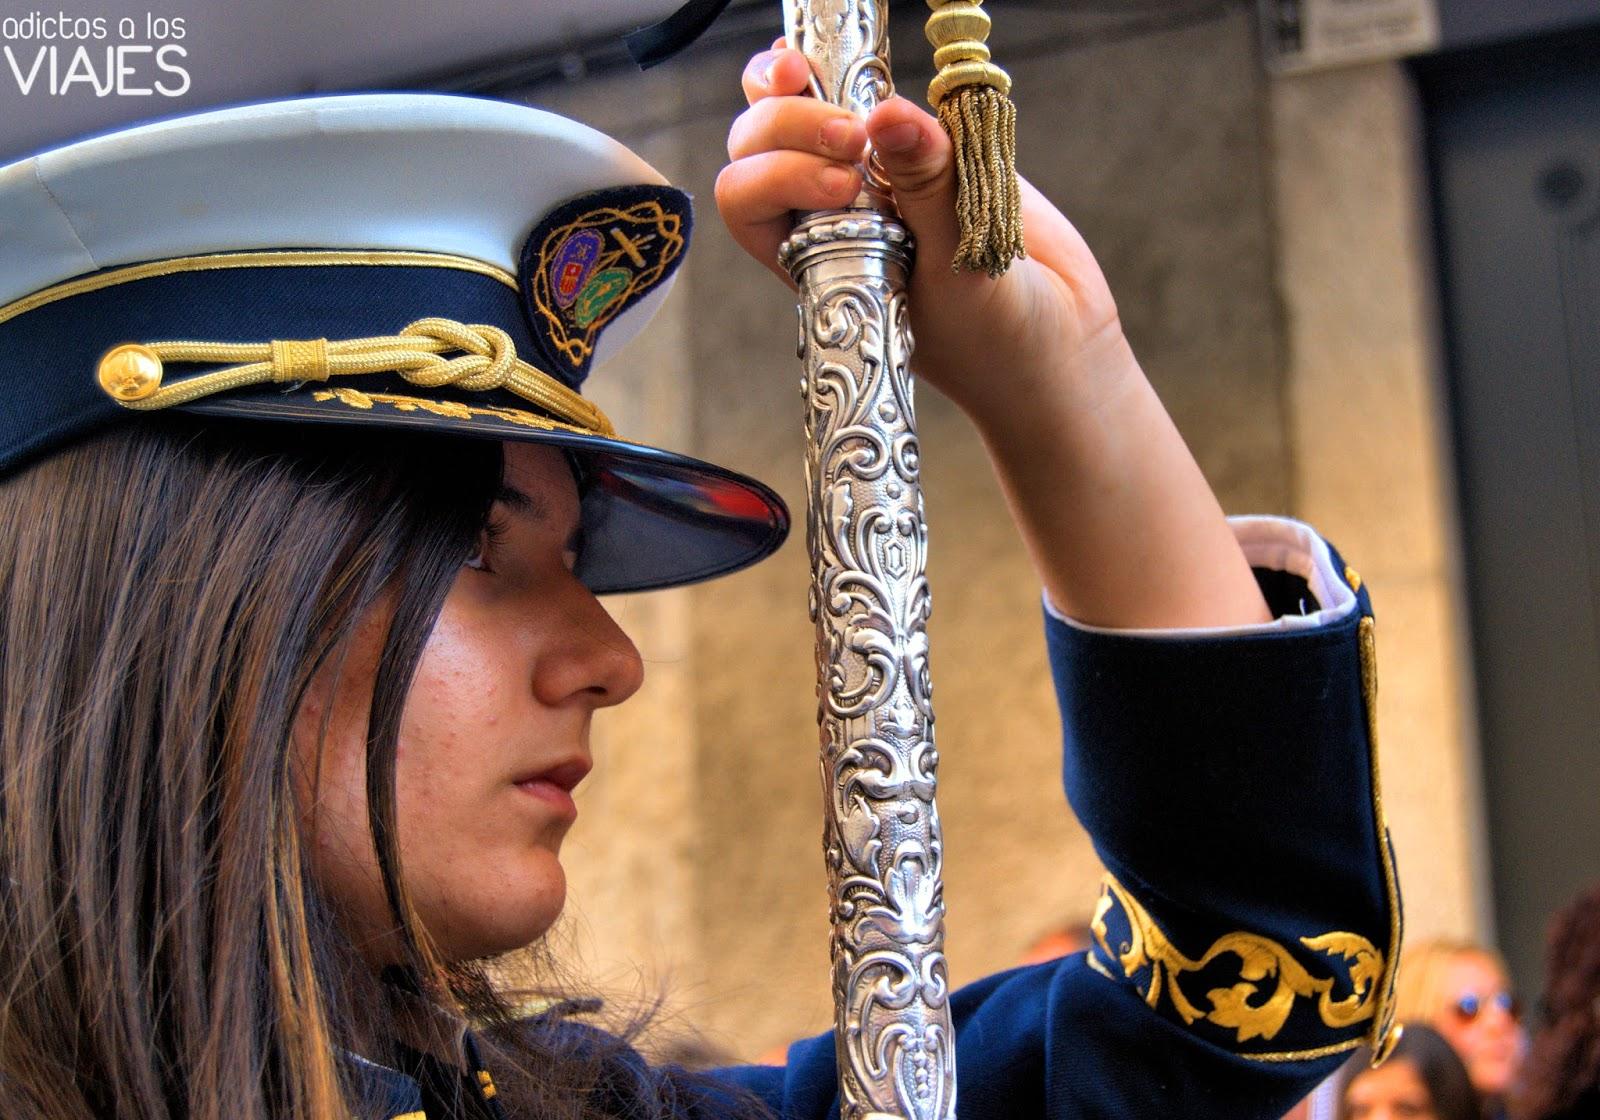 Portadora del estandarte de la Banda de Cornetas y Tambores Oración y Caída de Villacarrillo